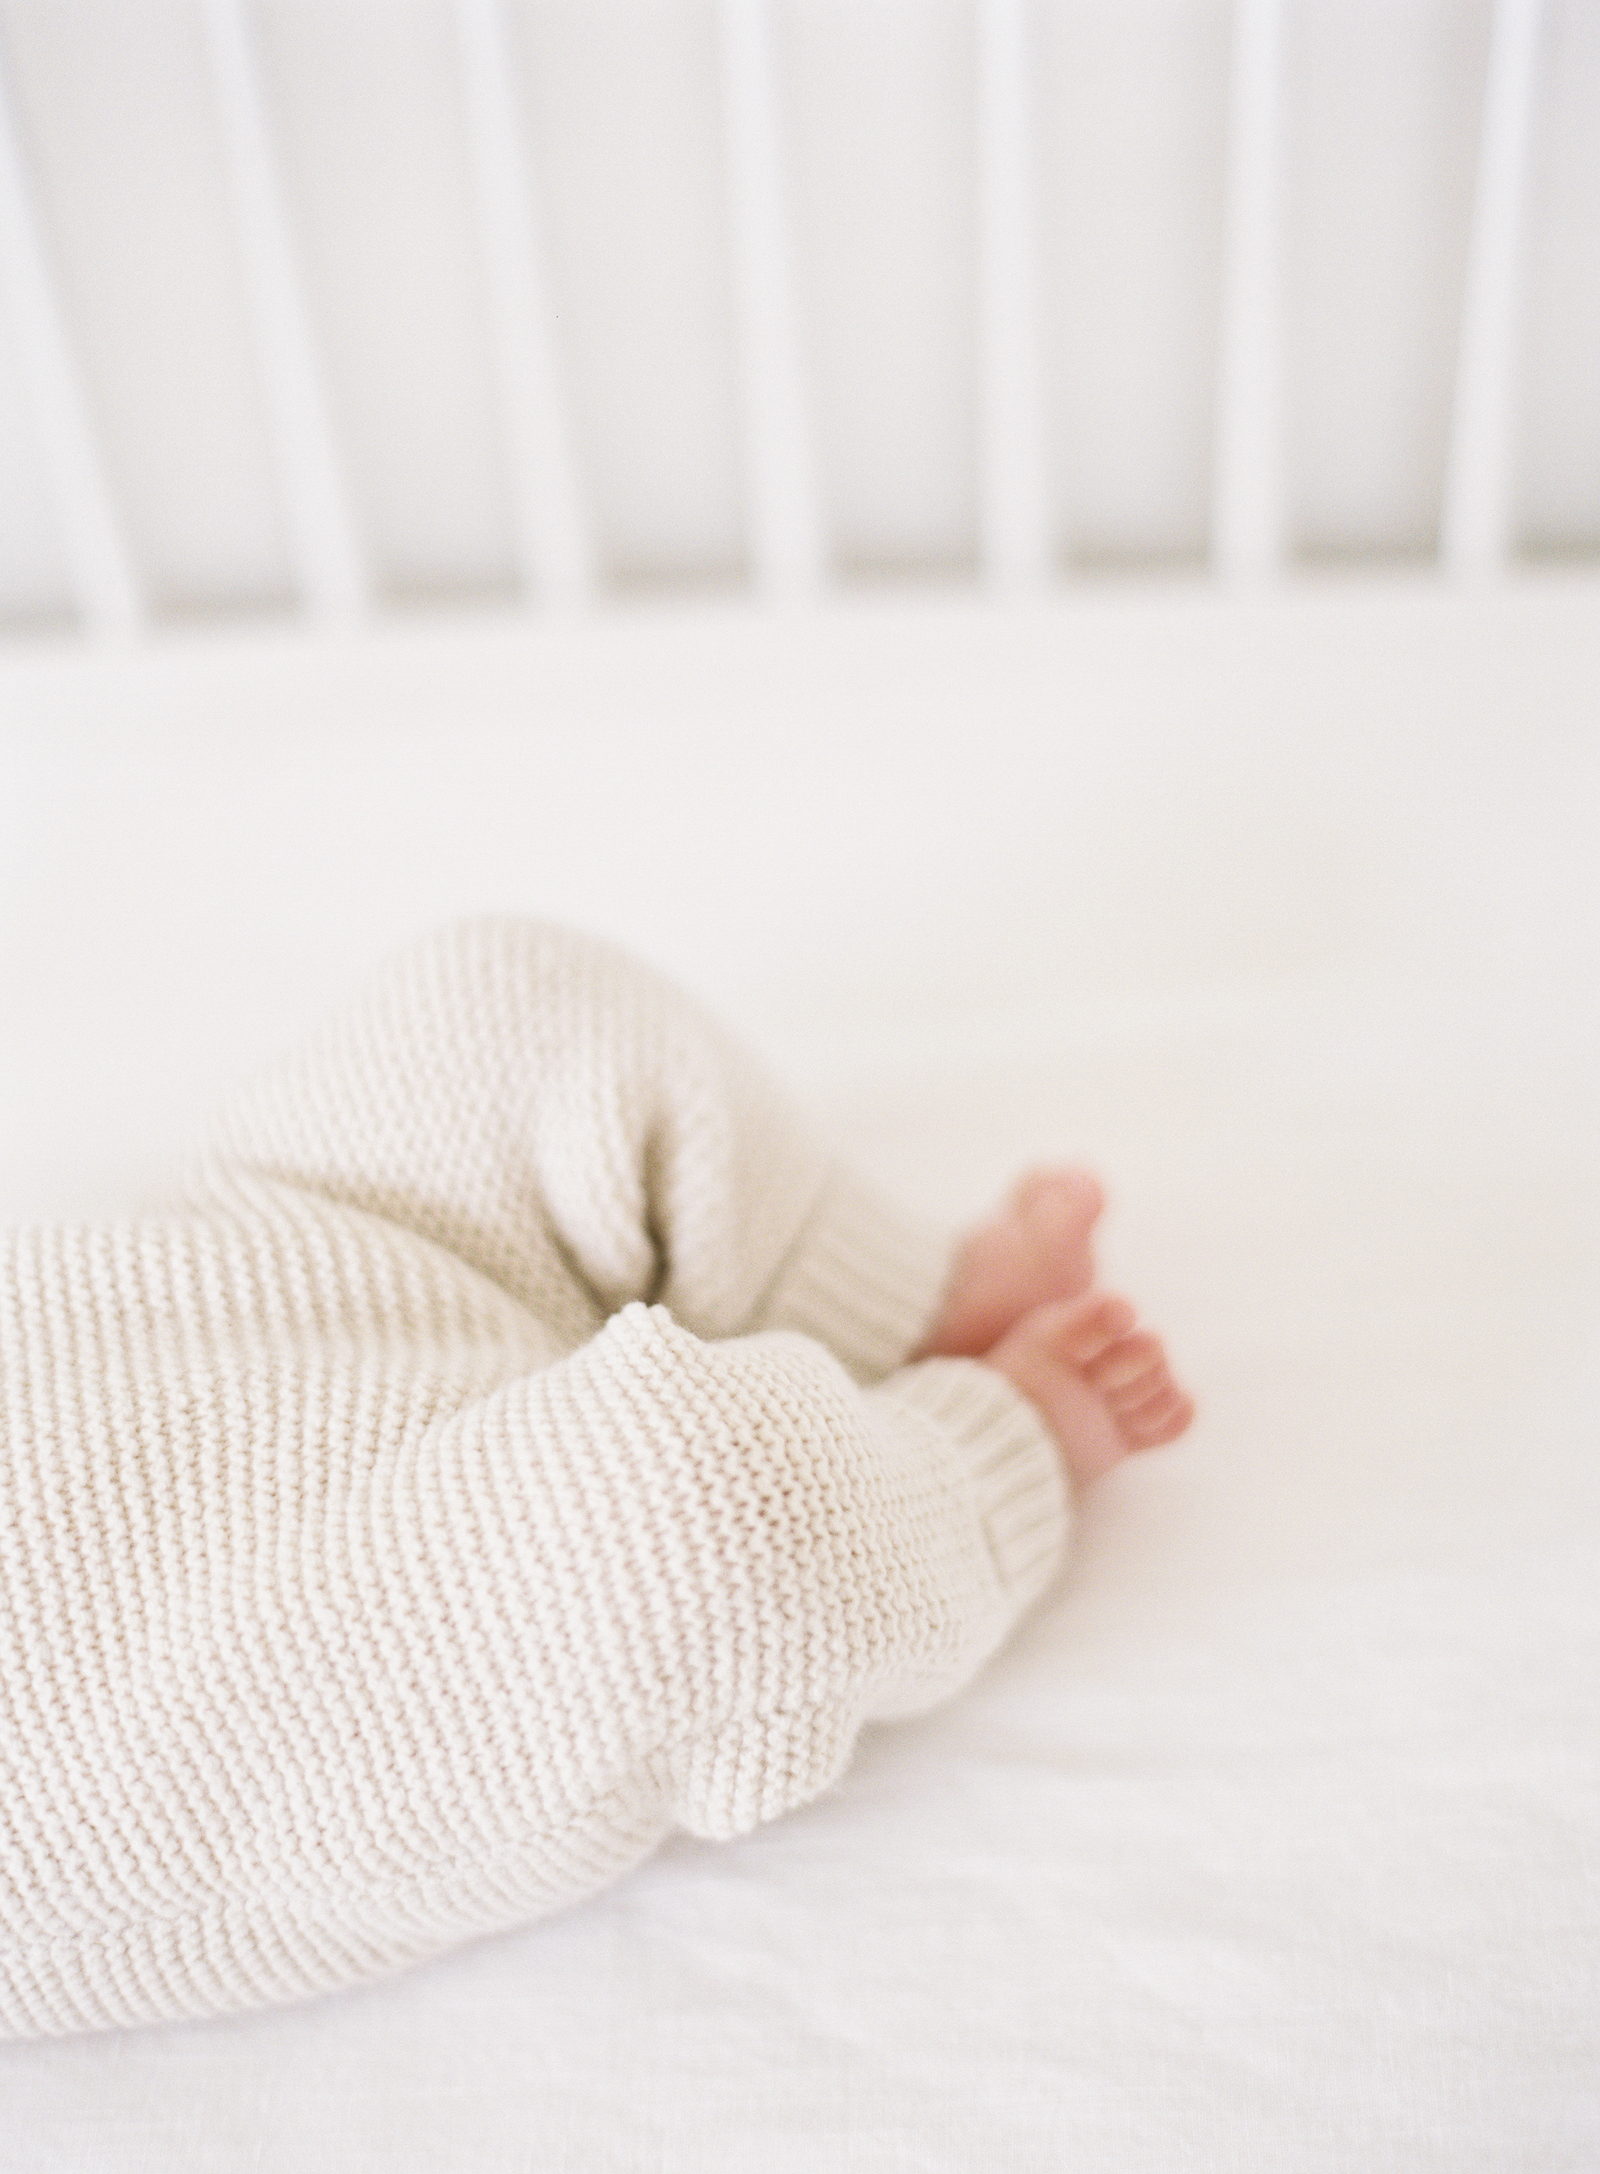 Pasadena_Newborn_Photos-5-Jen_Huang-008847-R1-002.jpg